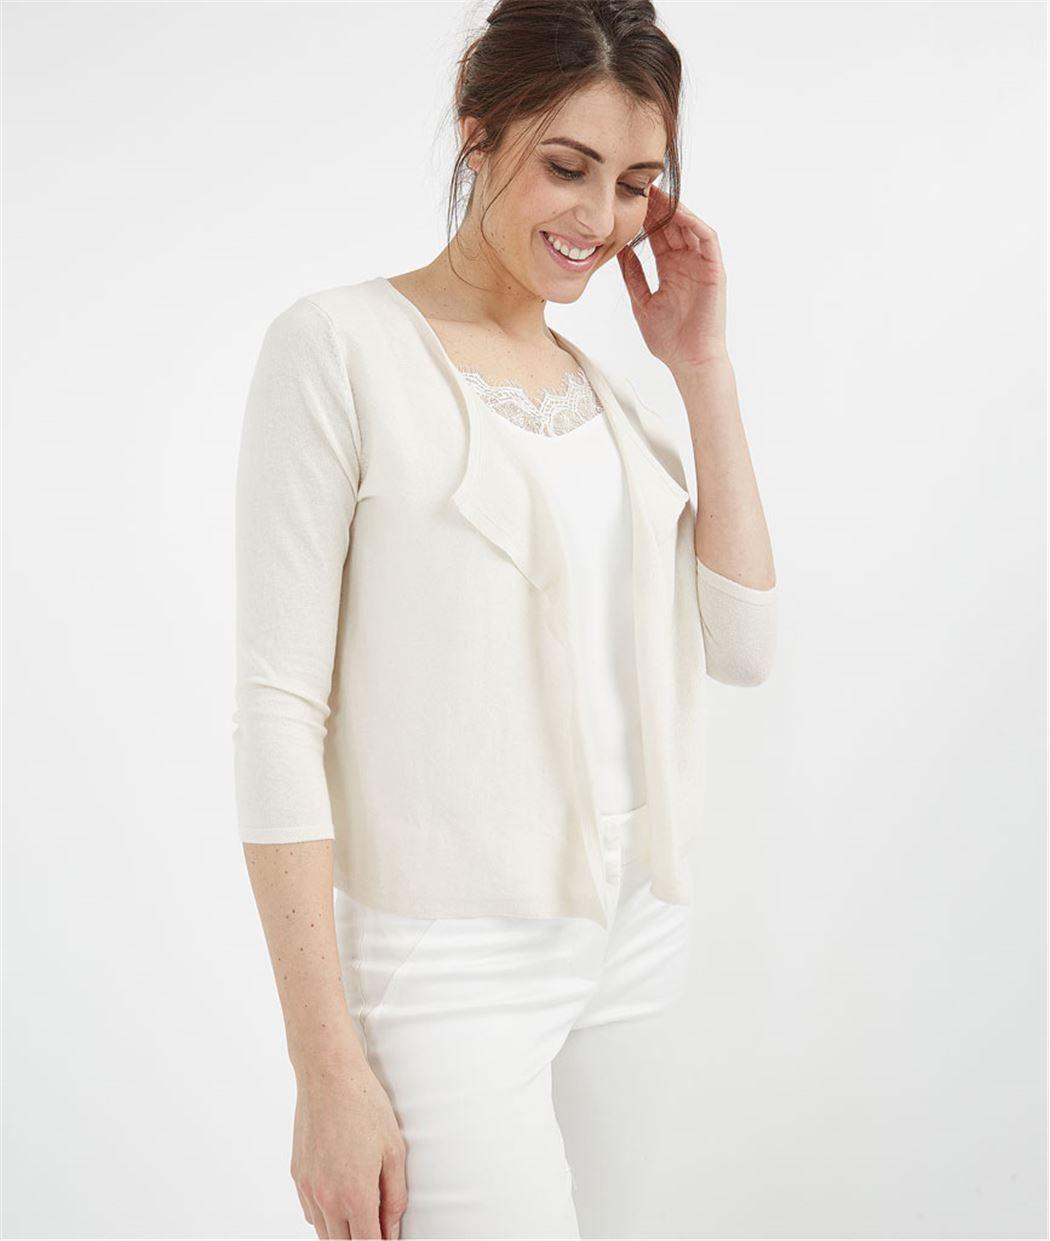 e2bef1f8fa97 Gilet femme basique en coton ECRU - Grain de Malice